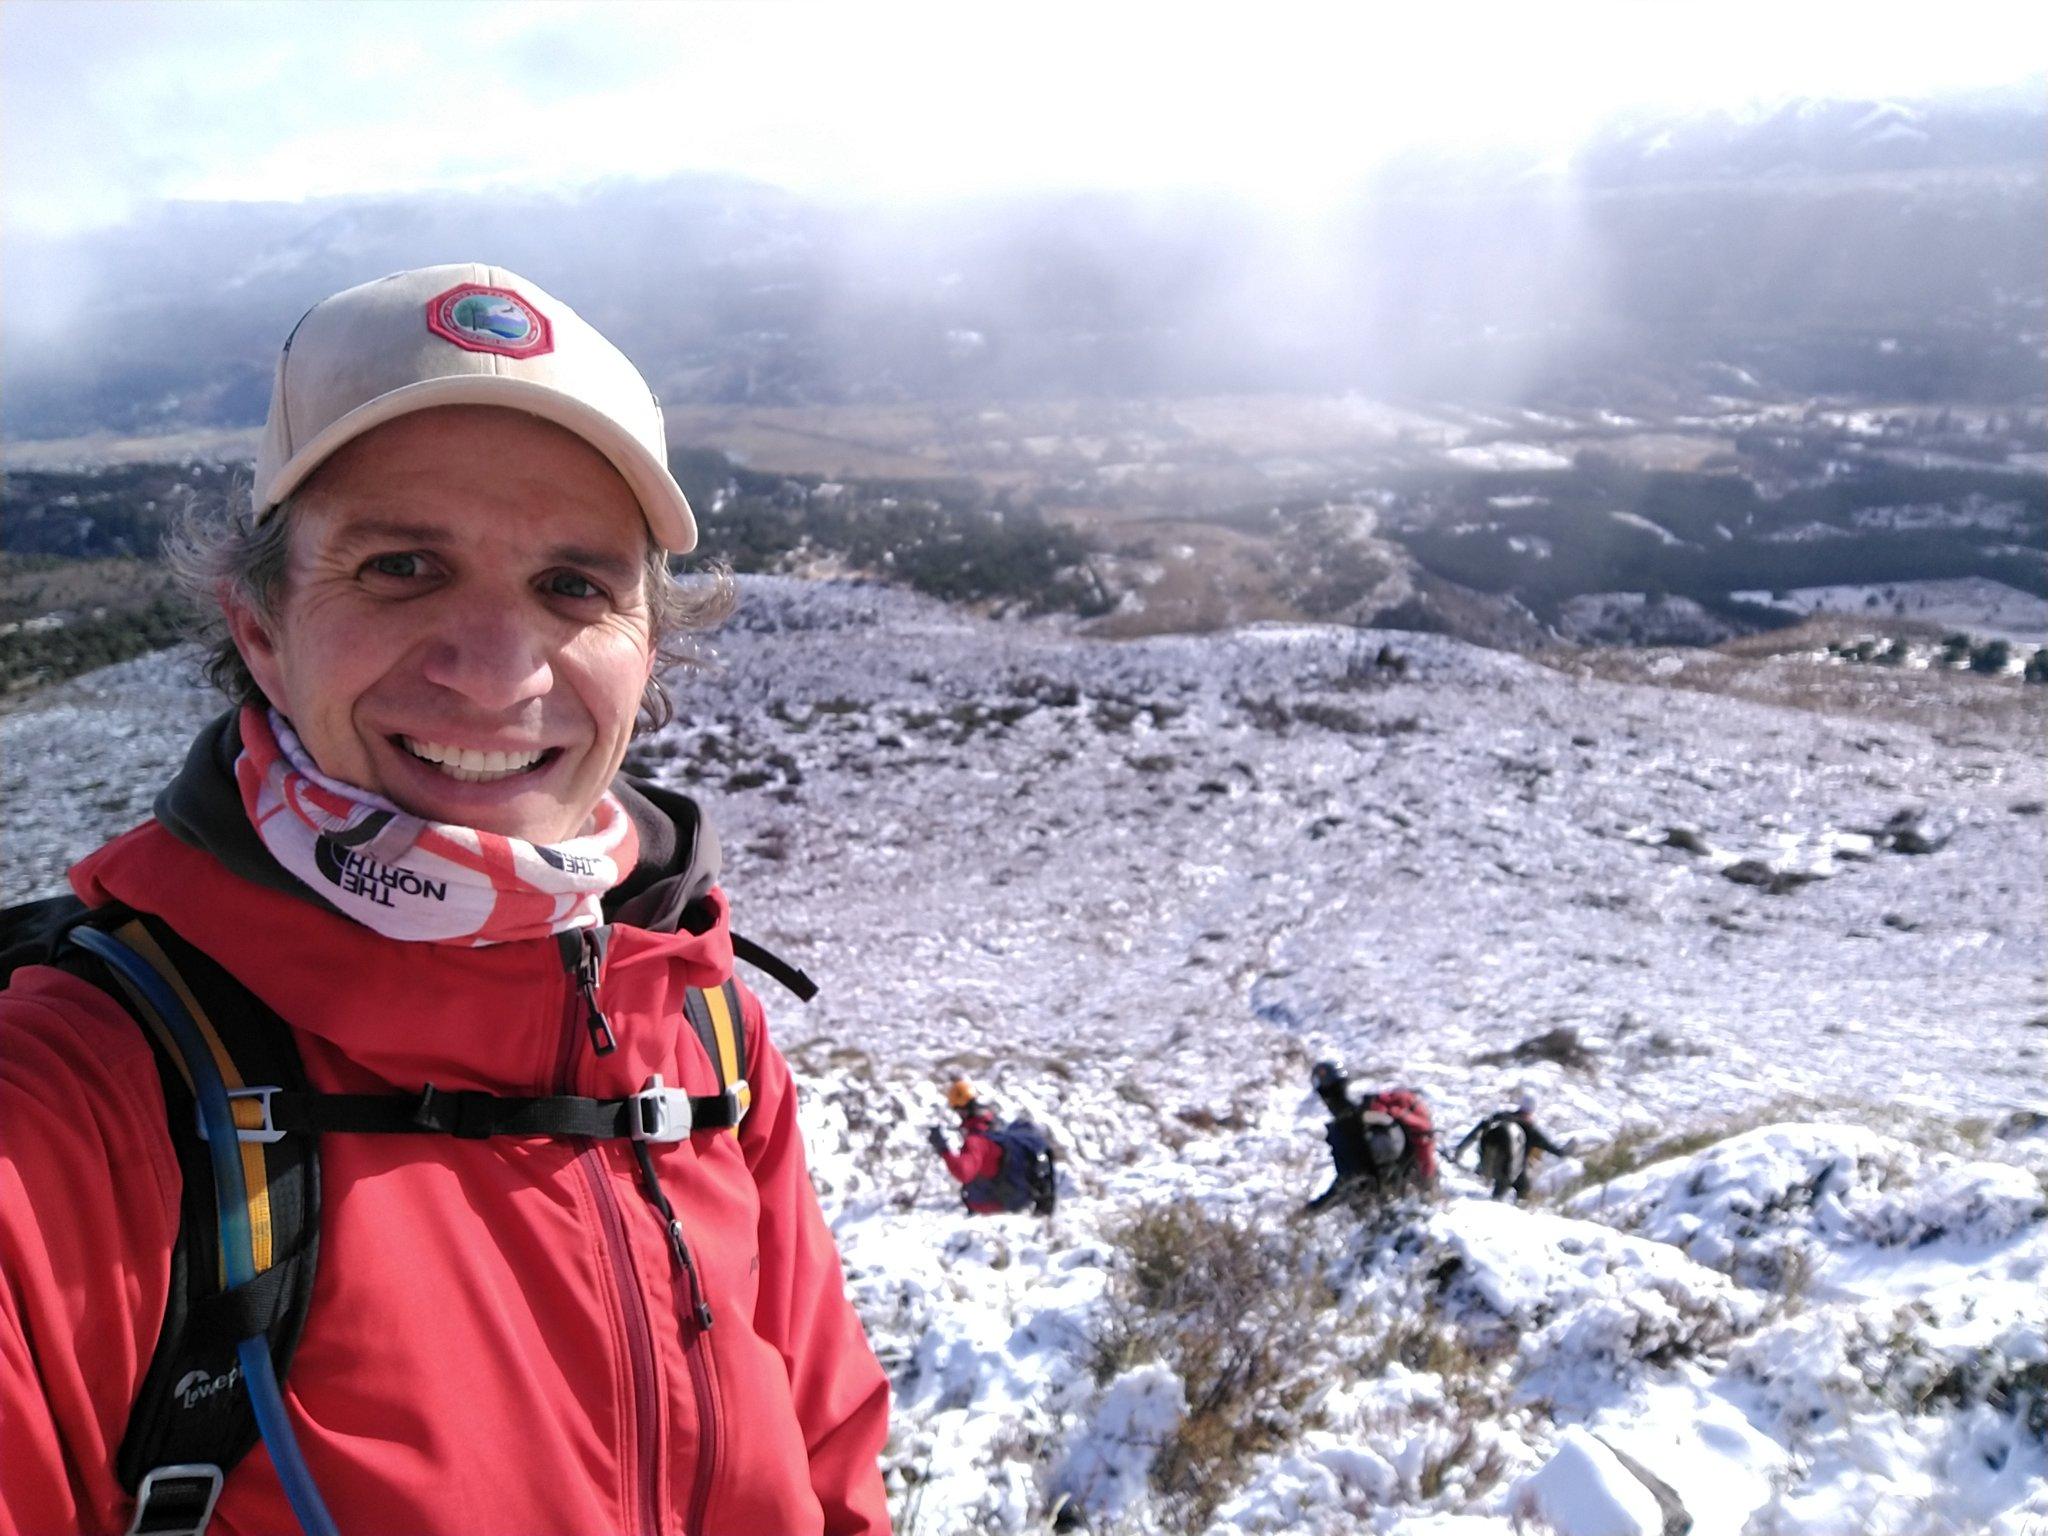 El reportero Federico Soto, bajando del cerro tras conocer el hallazgo de Ricardo. 'Bajando felices!!! Gracias!!!!', publicó en Twitter.